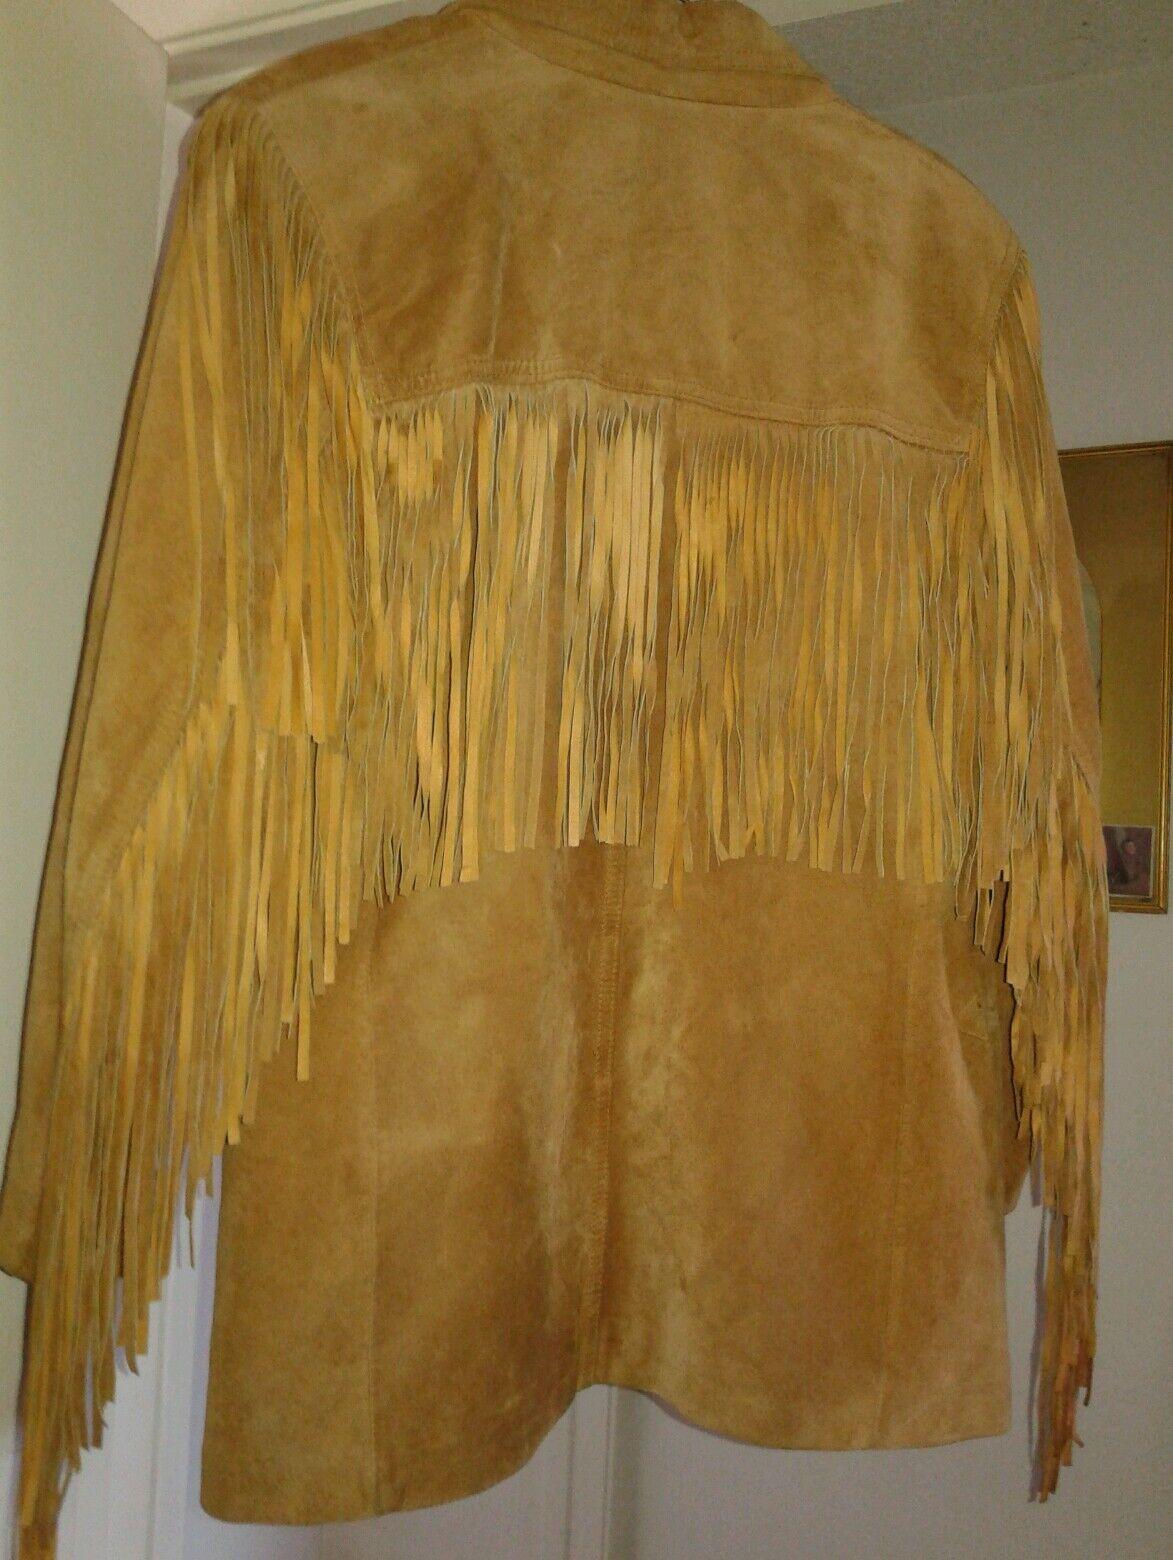 la nauicelle Renaissance Leather fringed Jacket - image 8